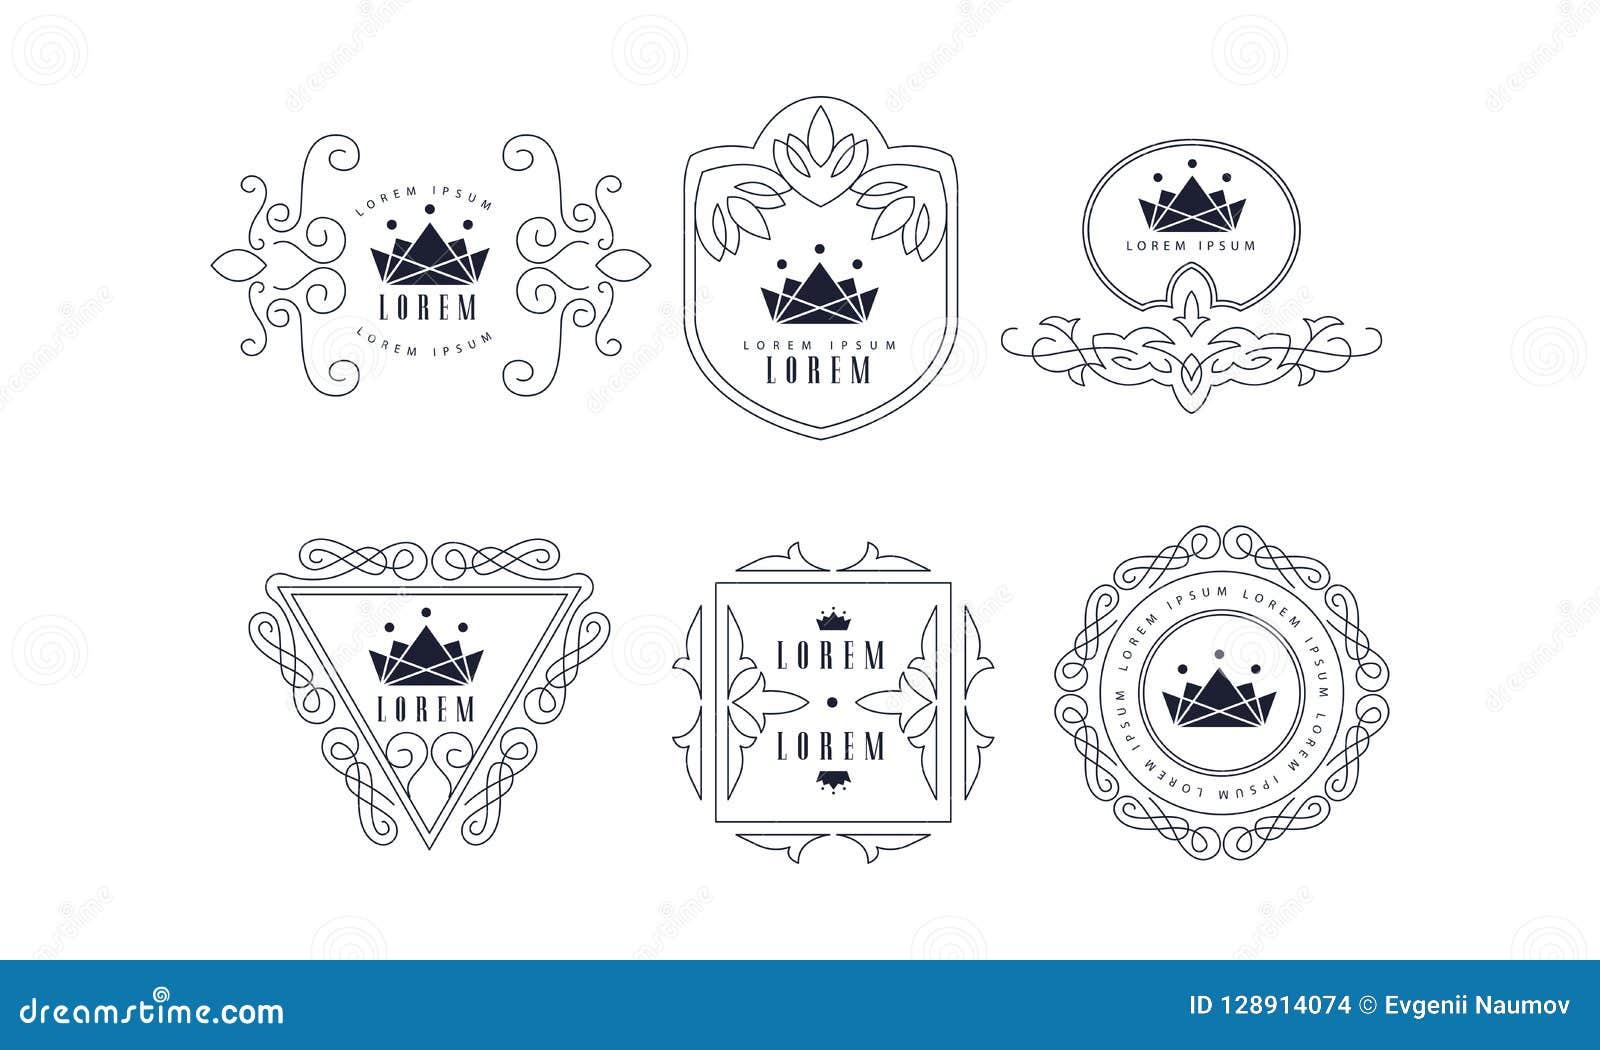 monogram logo templates set elegant stylish business sign badge